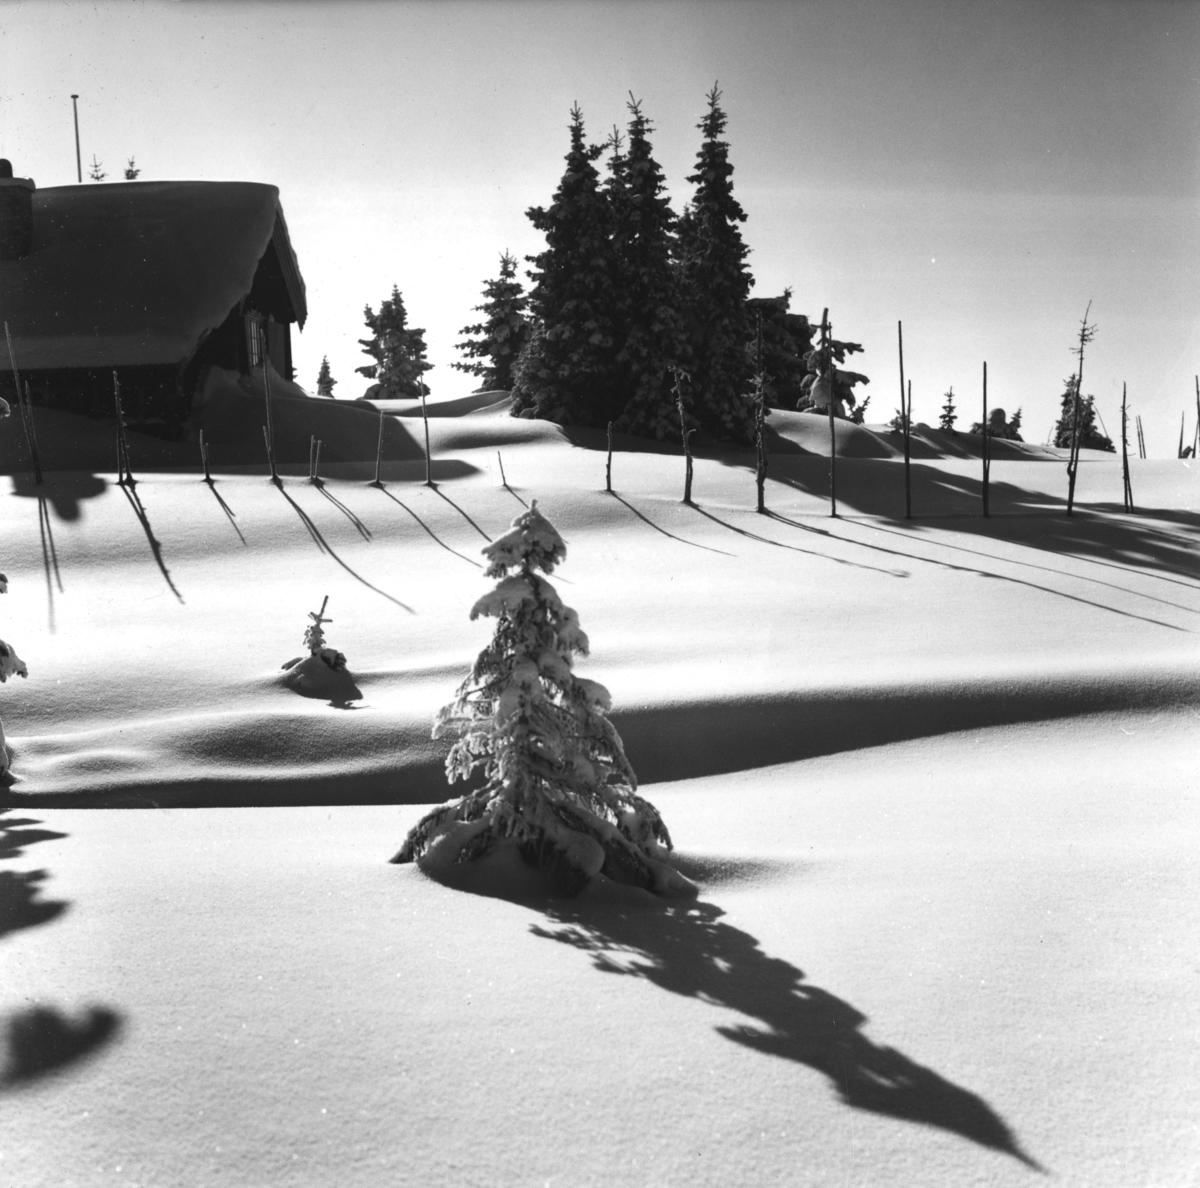 Hytte i snø